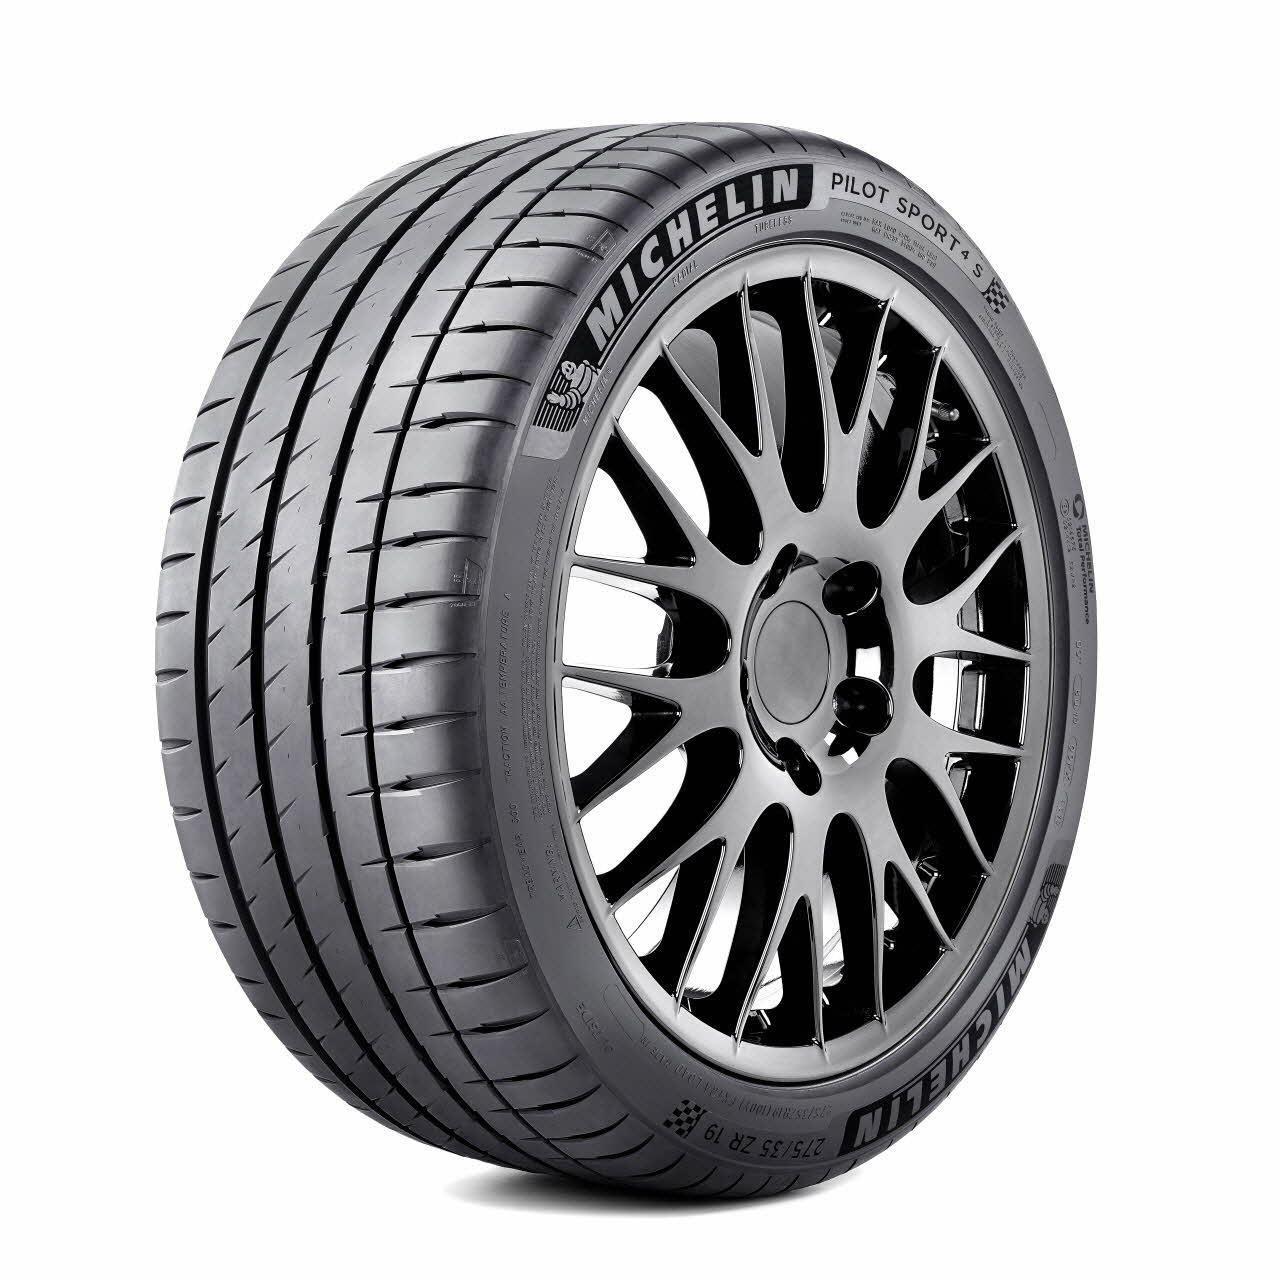 Жан-Доминик Сенар: Michelin Pilot Sport 4S - еще одна превосходная шина в нашей спортивной линейке